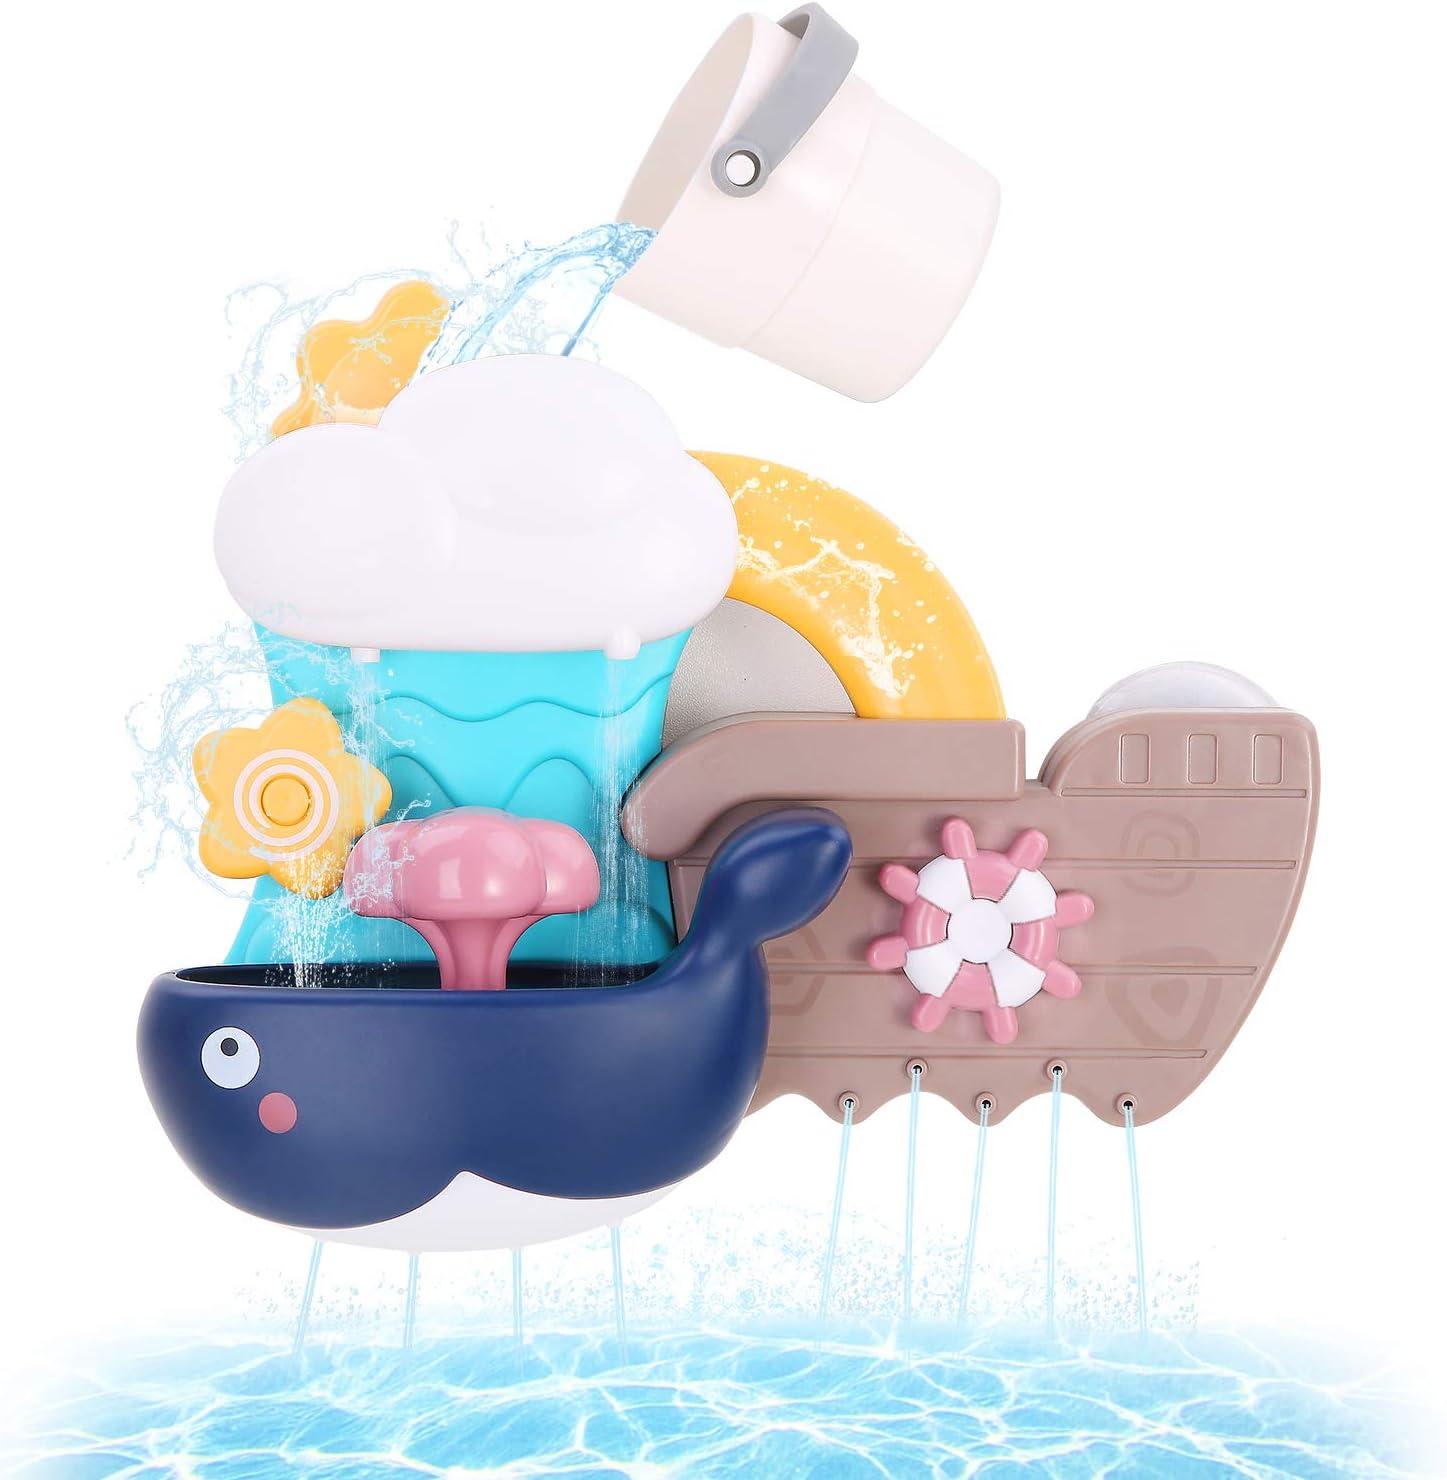 BBLIKE Juguetes Bañera, Bebé baño Cascada Llenar y Flujo Juguetes de baño Divertidos Ducha Regalo para niños de 1 2 3 y 4 años